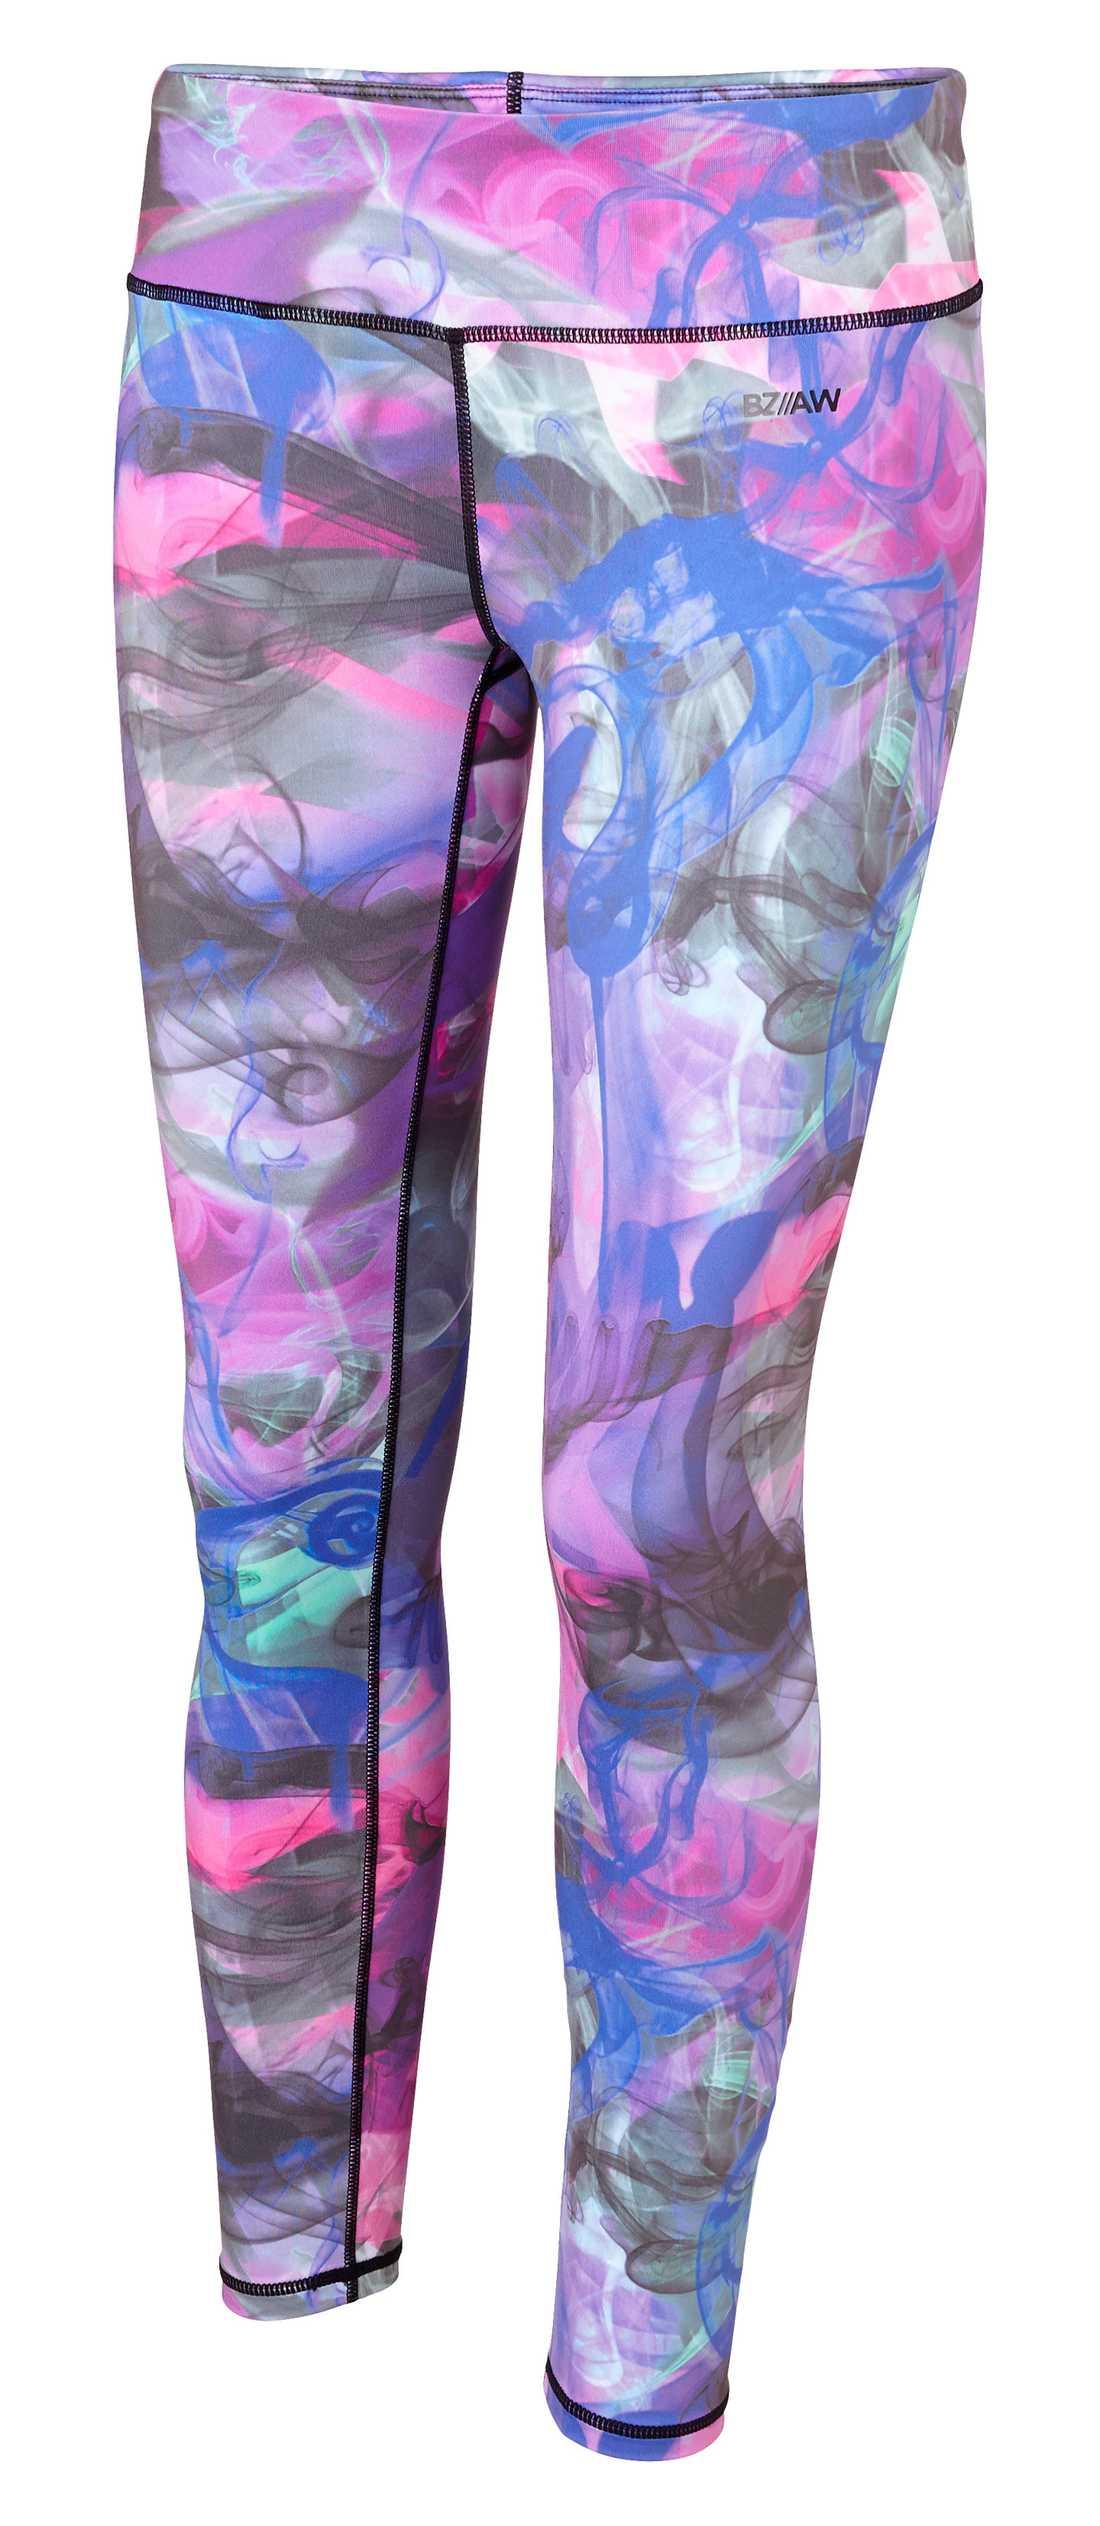 Bli en färgklick i Kappahls lilamönstrade byxor. För 299 kronor hamnar de i din sportväska.